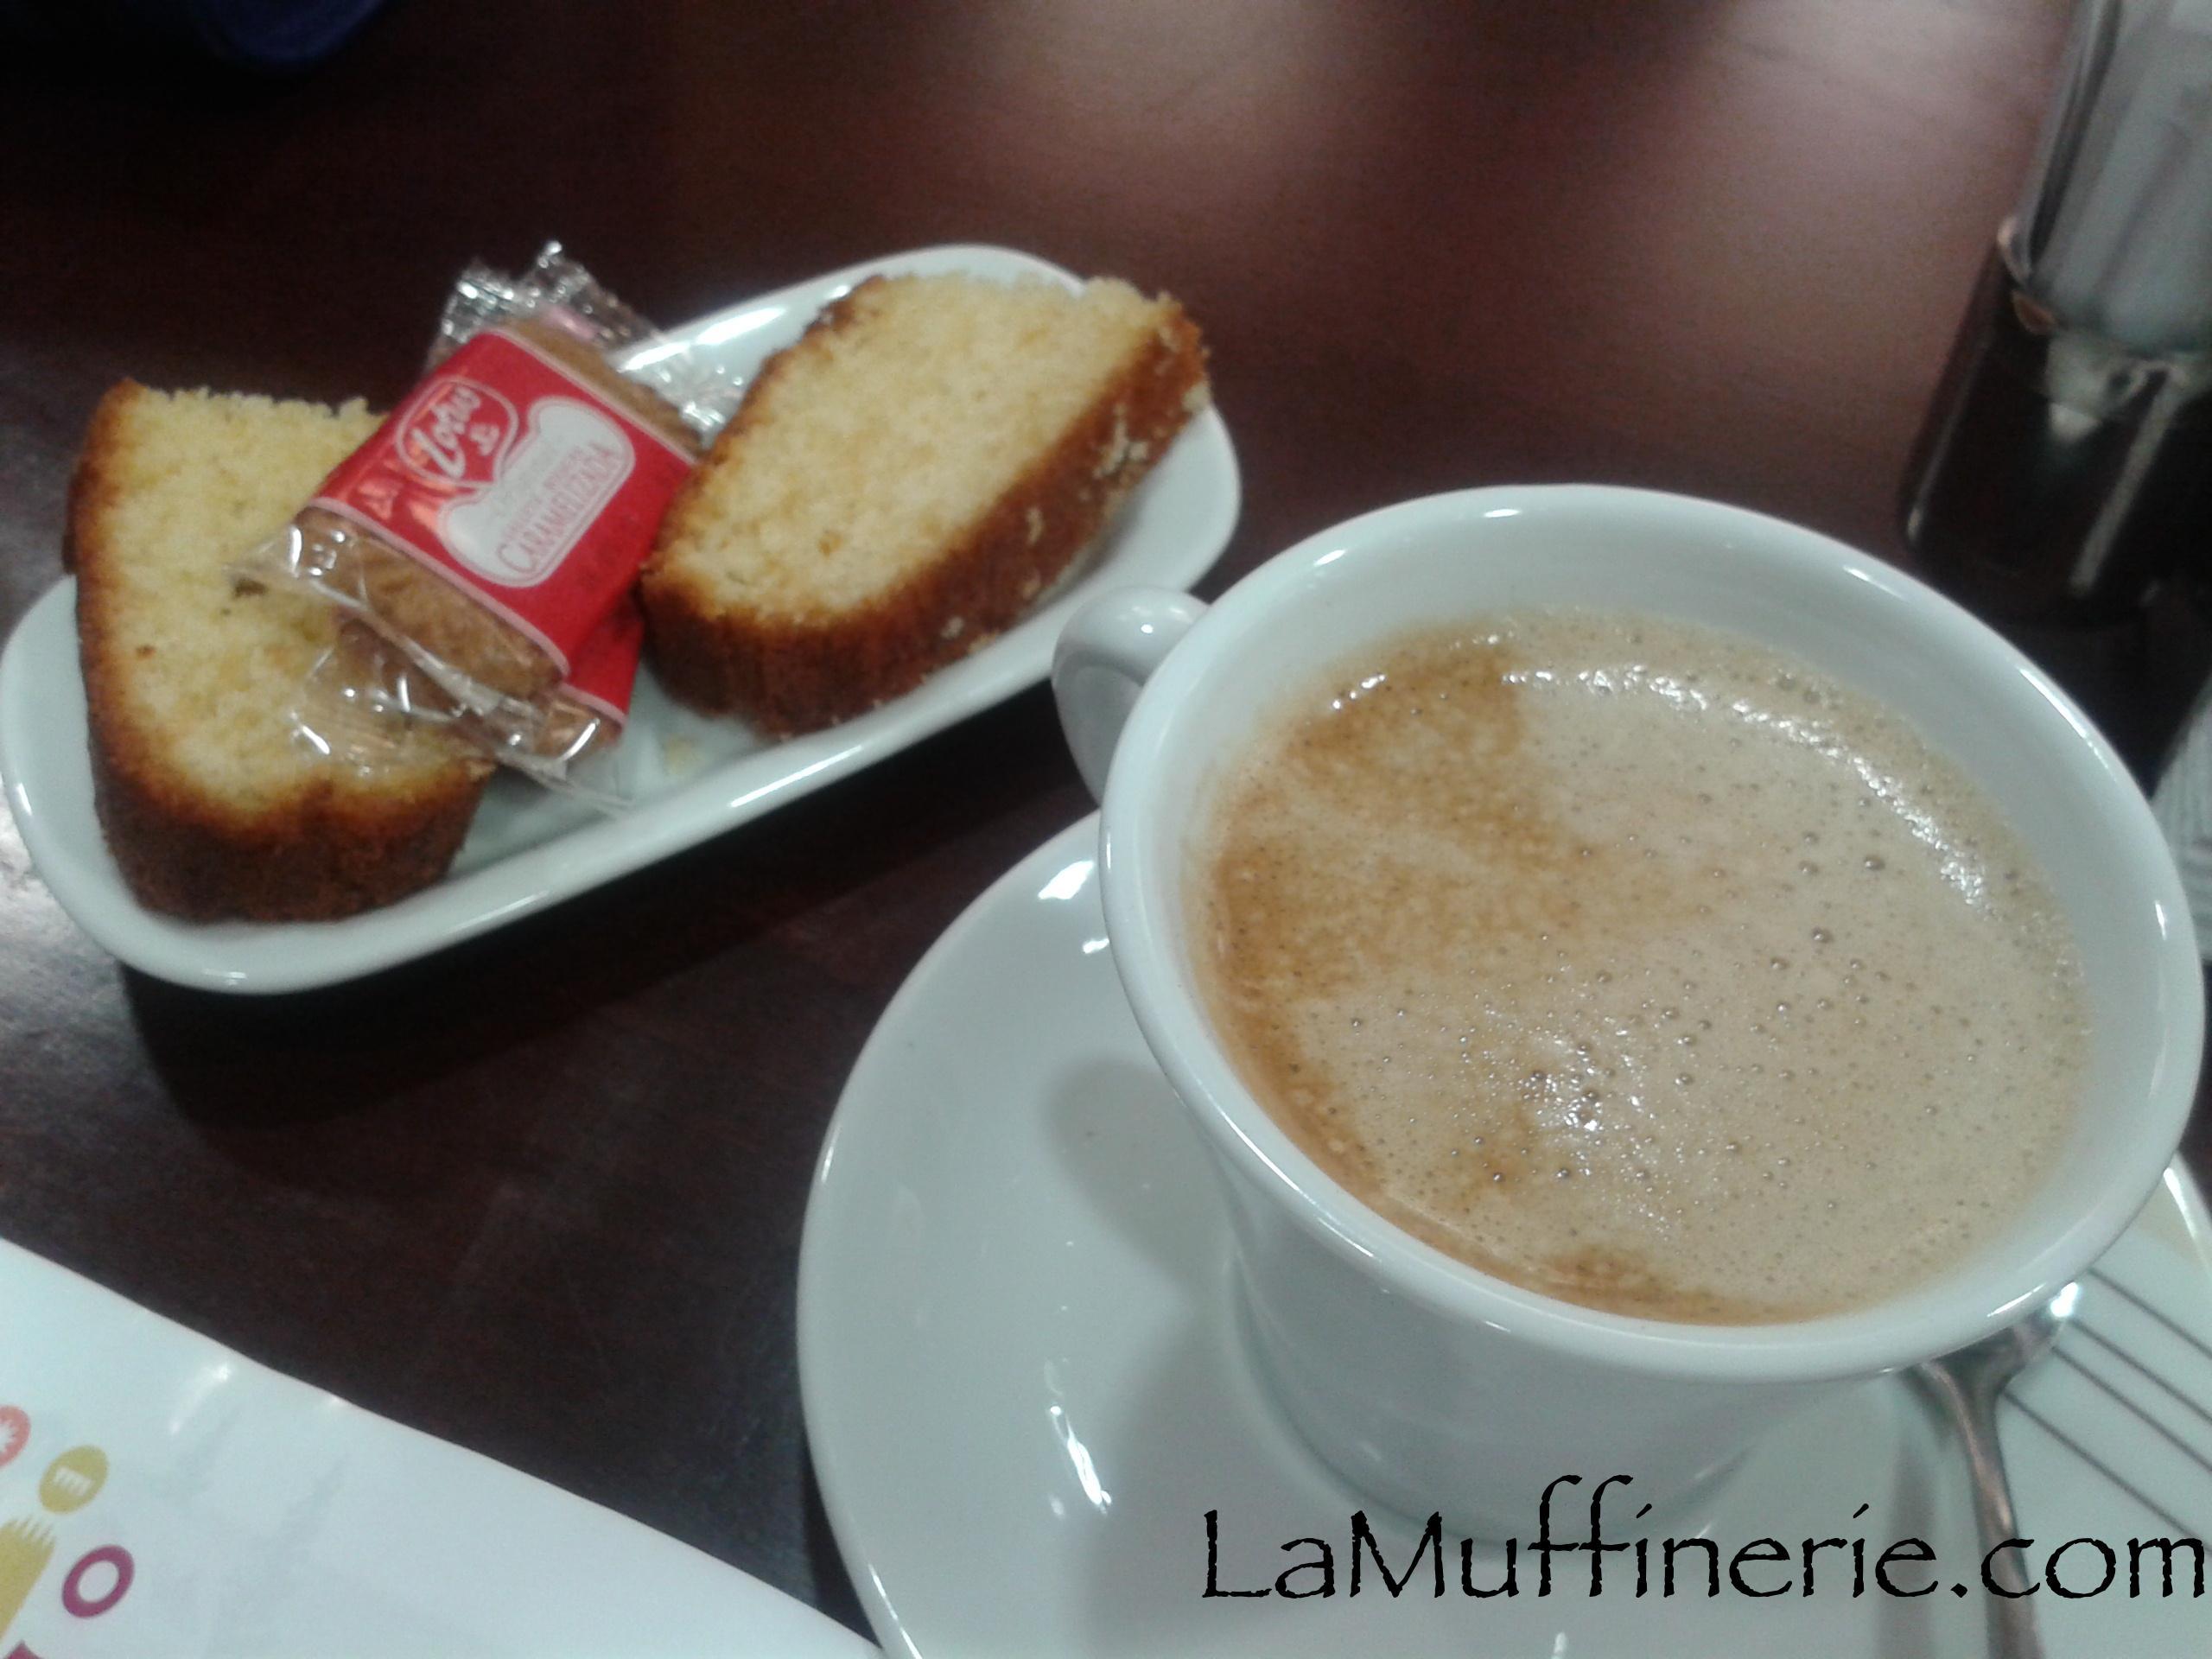 CafeNavidad_LaMuffinerie.com